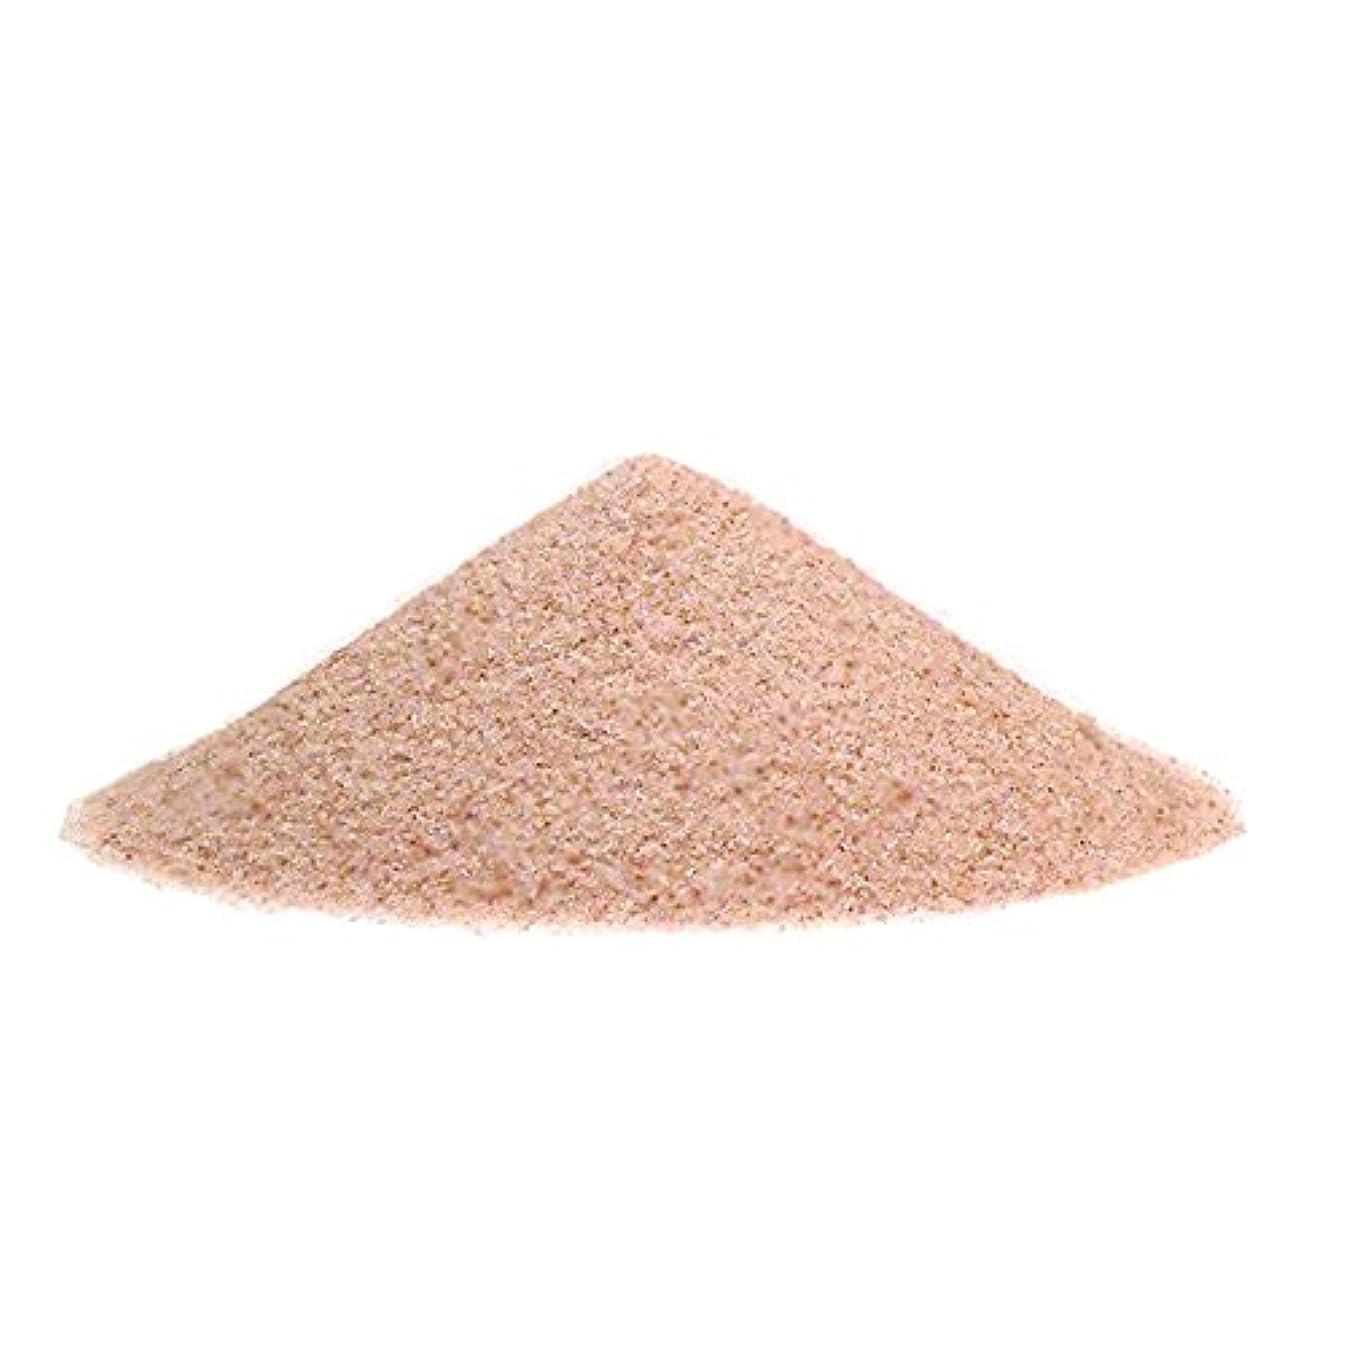 うなずくリンク穴ヒマラヤ岩塩 ピンクソルト 入浴用 バスソルト(微粒パウダー)5kg ピンク岩塩